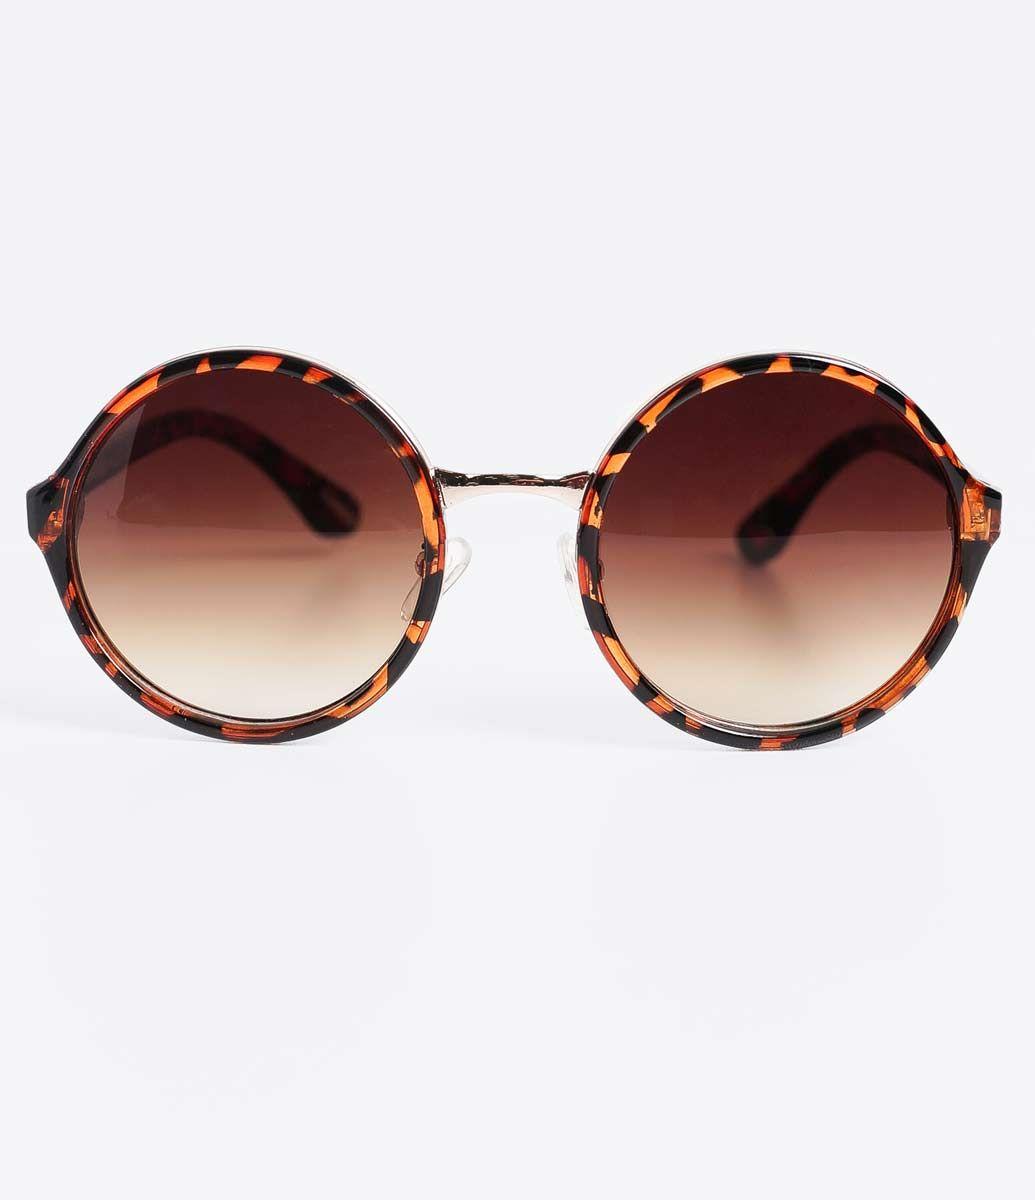 15258fed1752e Óculos de Sol Feminino Redondo - Lojas Renner Mais